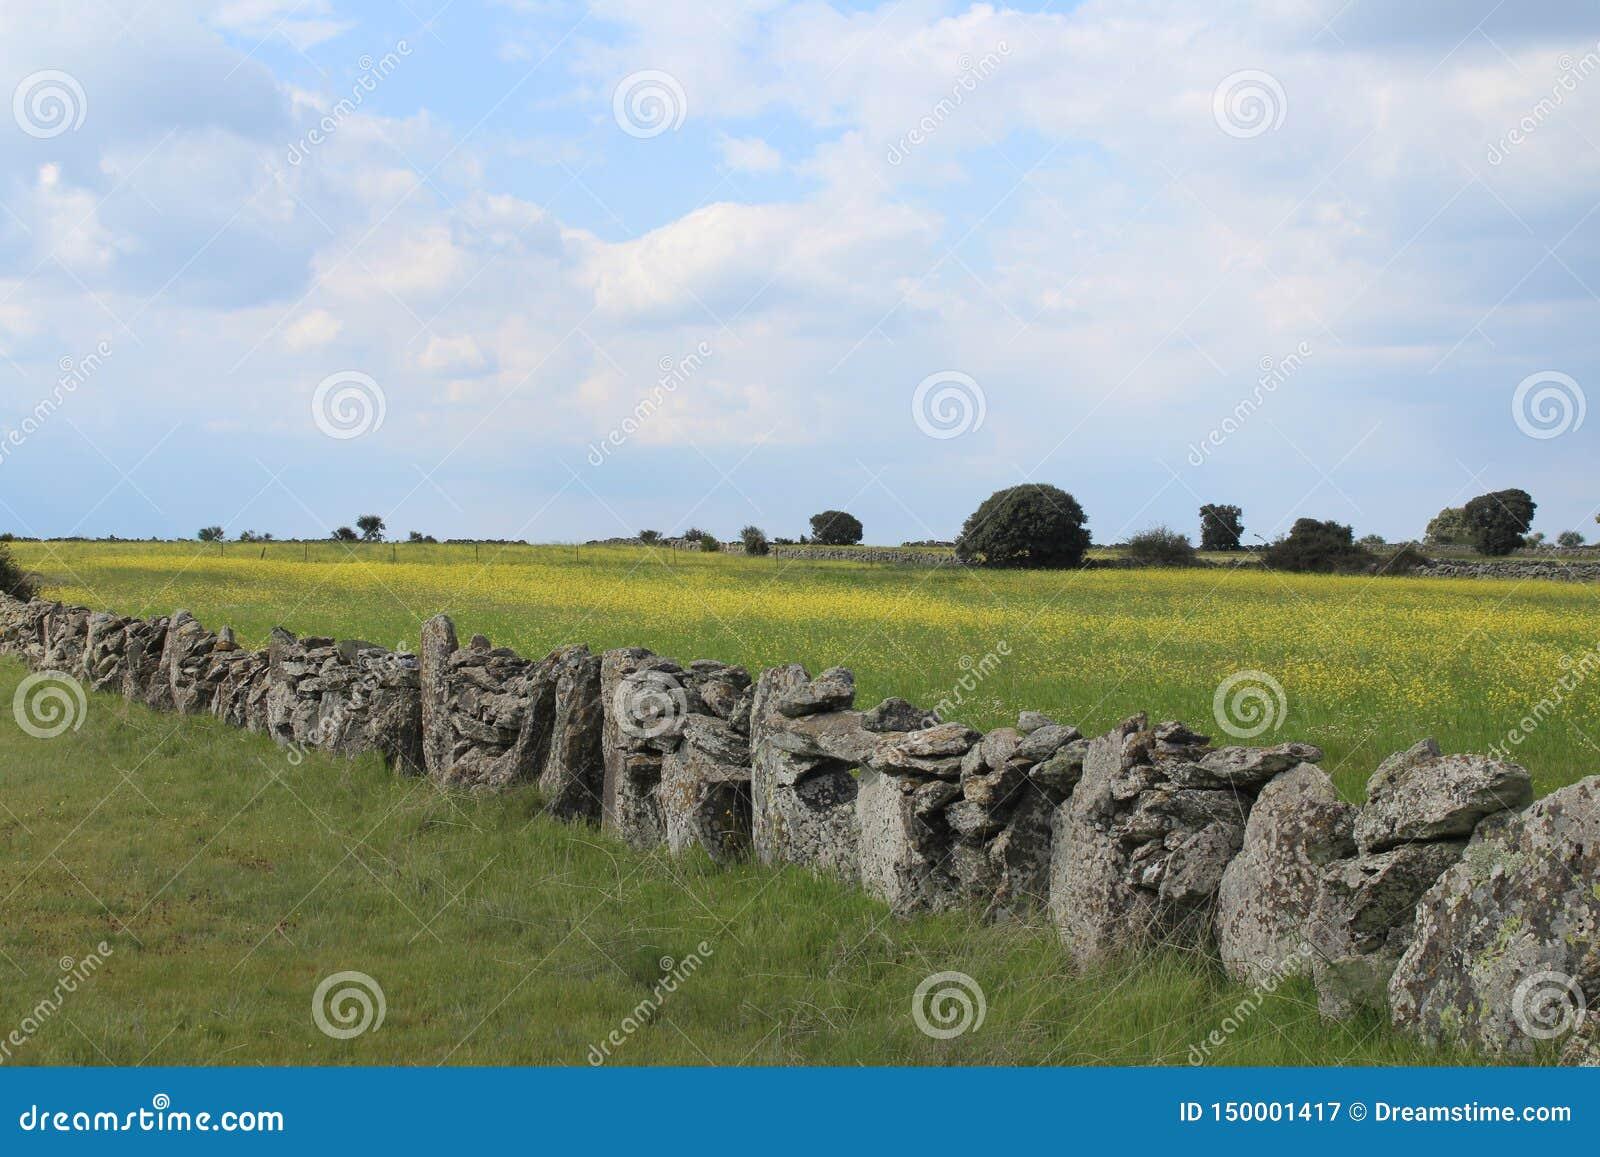 Mooie steenmuur die de gebieden en de dieren scheidt